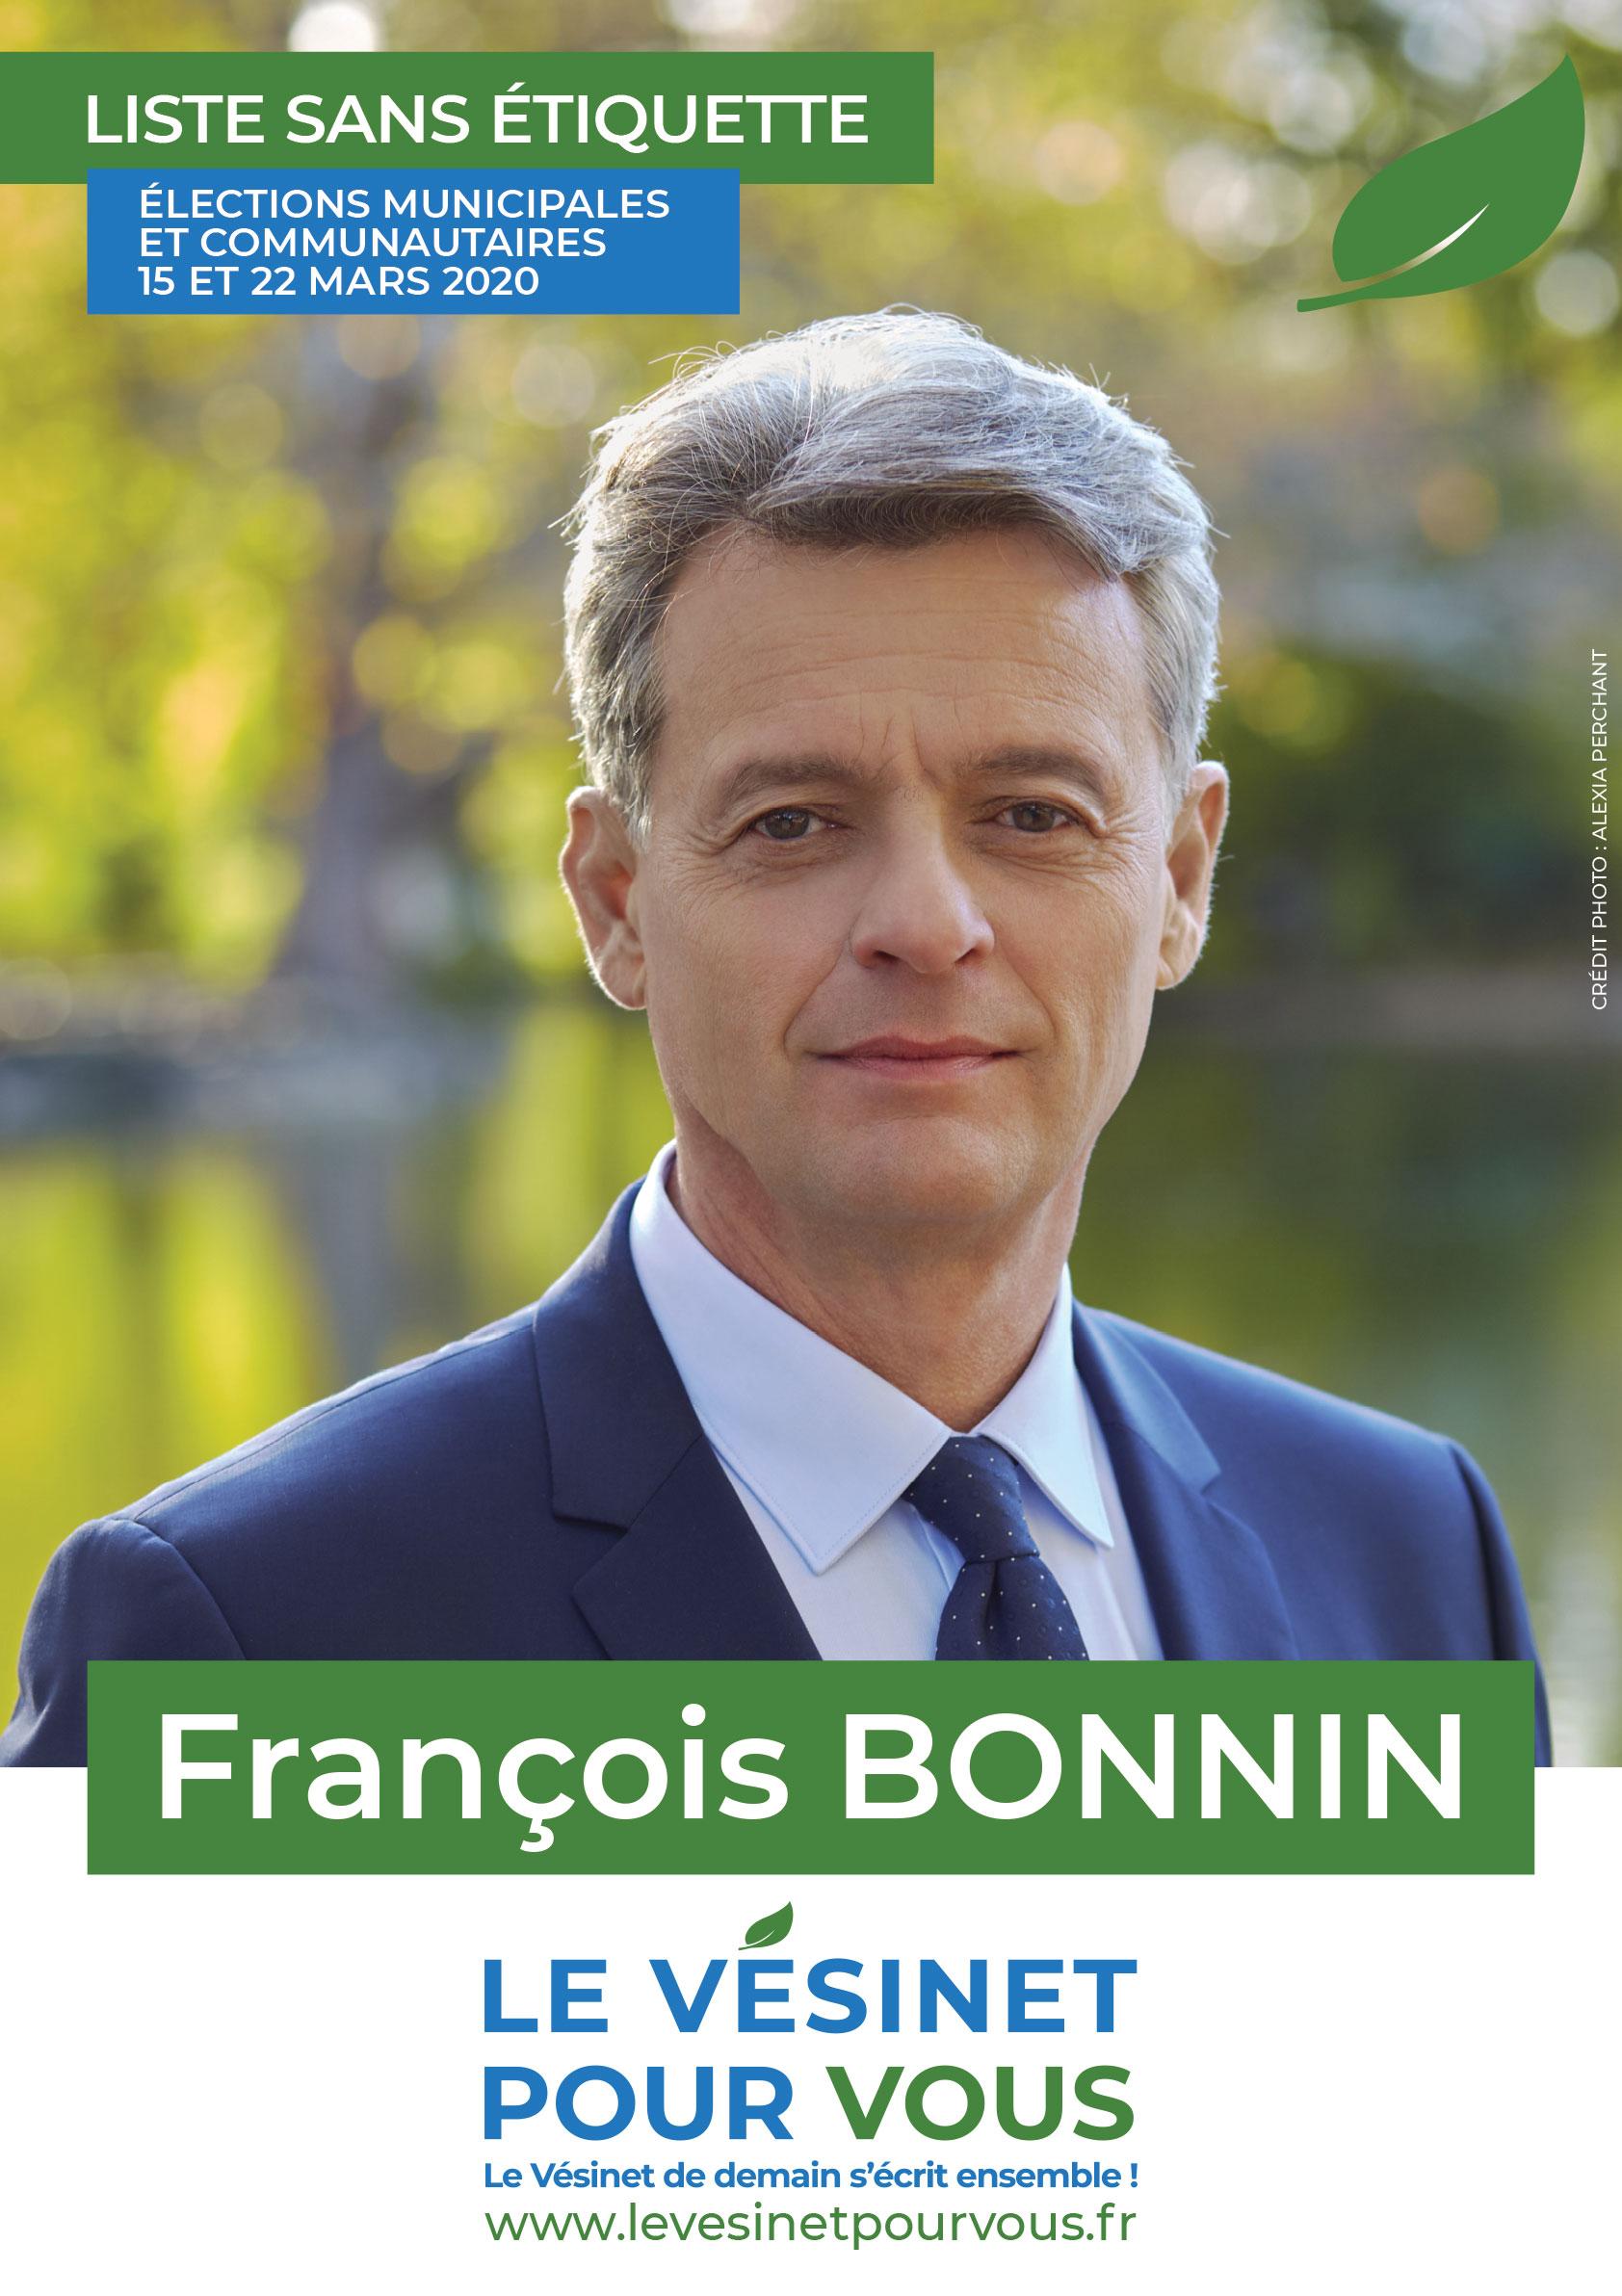 François Bonnin (Le Vésinet pour vous) - Le Vésinet de demain s'écrit ensemble.